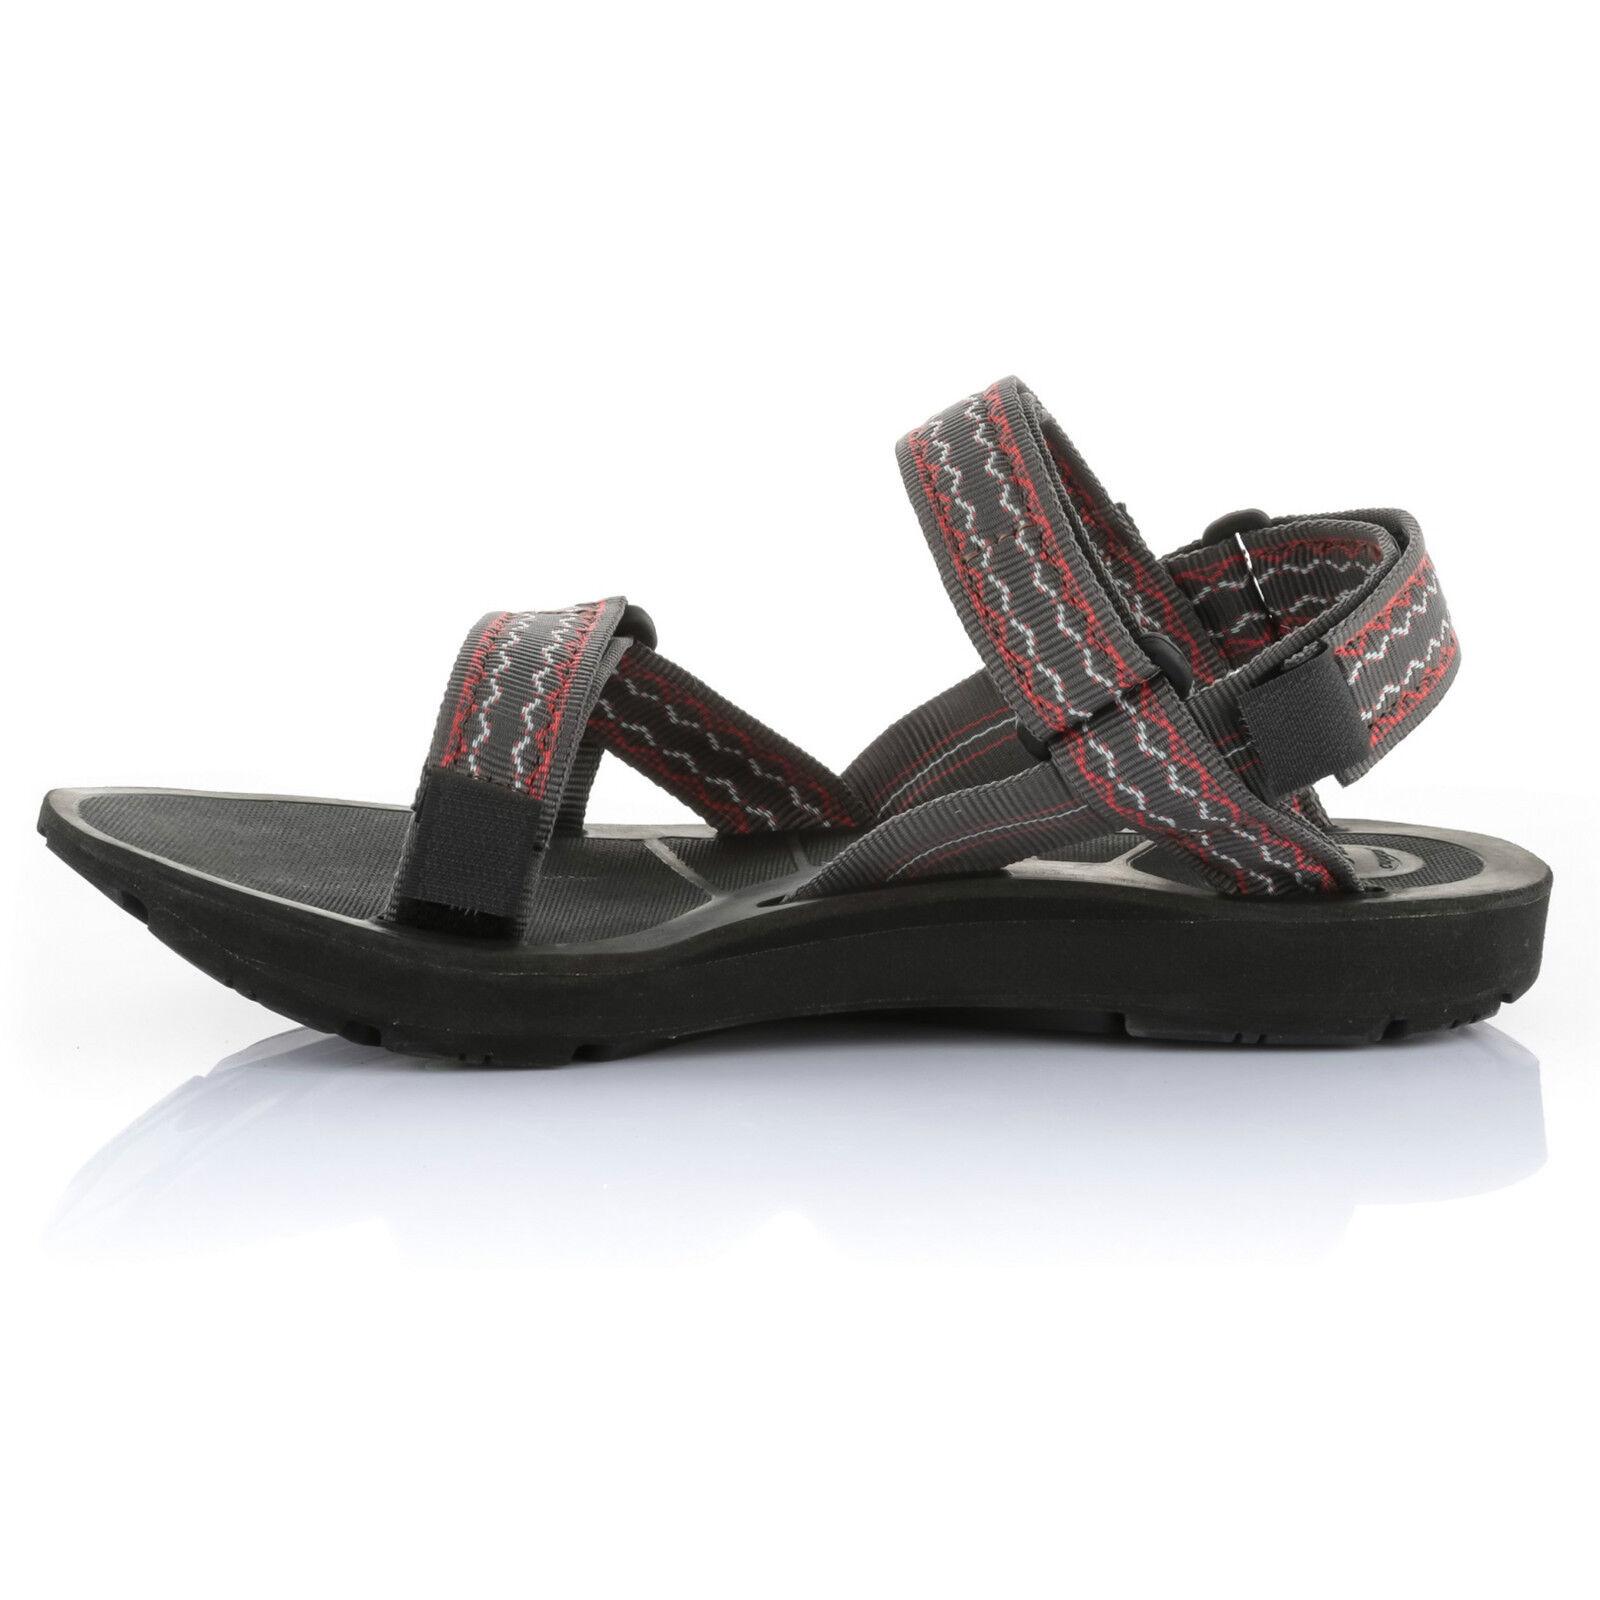 Source-stream-sandalias sandals señores outdoor señora outdoor señores trekking senderismo nuevo dc9200